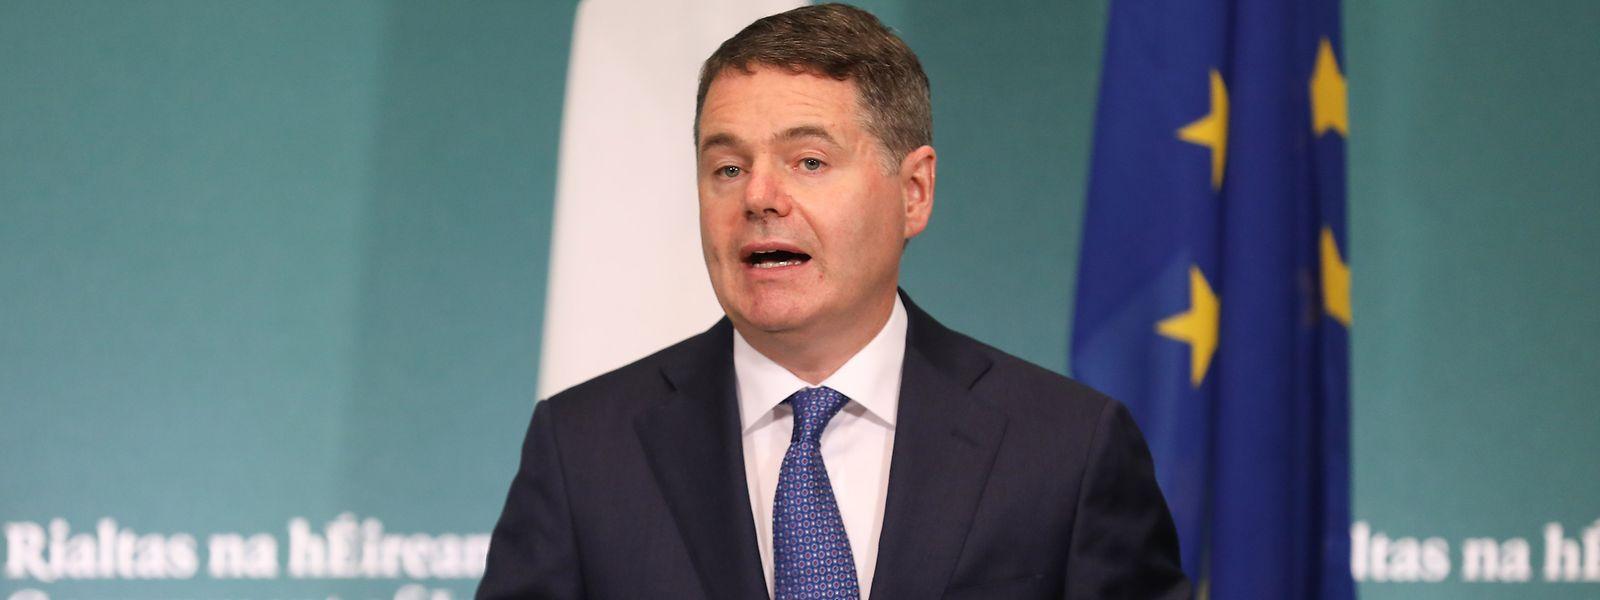 Paschal Donohoe, Finanzminister von Irland. Das irische Kabinett beschloss, den Steuersatz für Unternehmen mit einem Umsatz von mehr als 750 Millionen Euro von 12,5 auf 15 Prozent zu erhöhen.